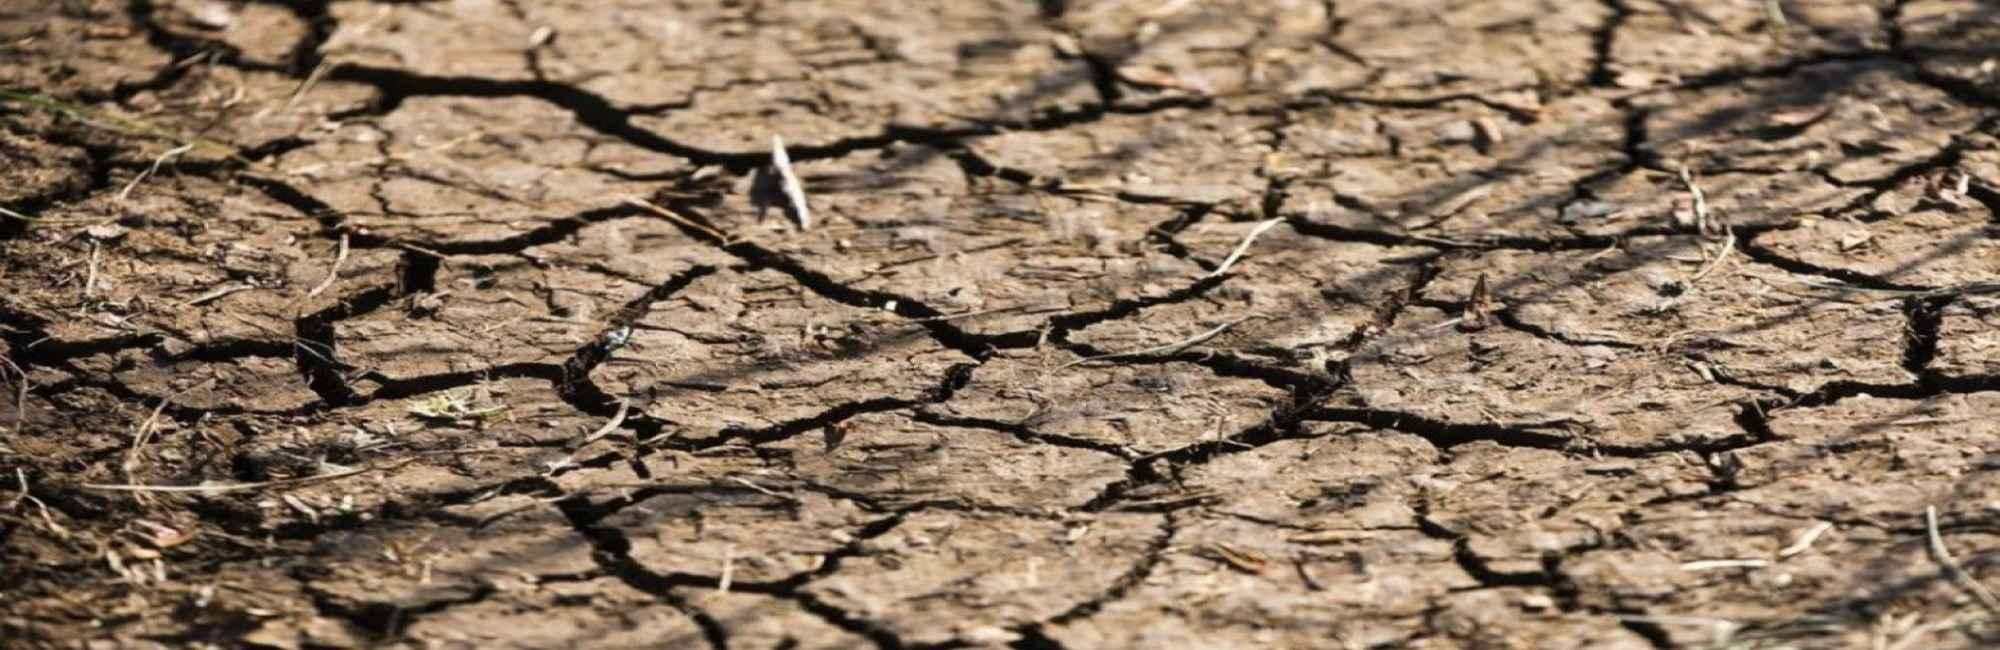 vigilance sècheresse